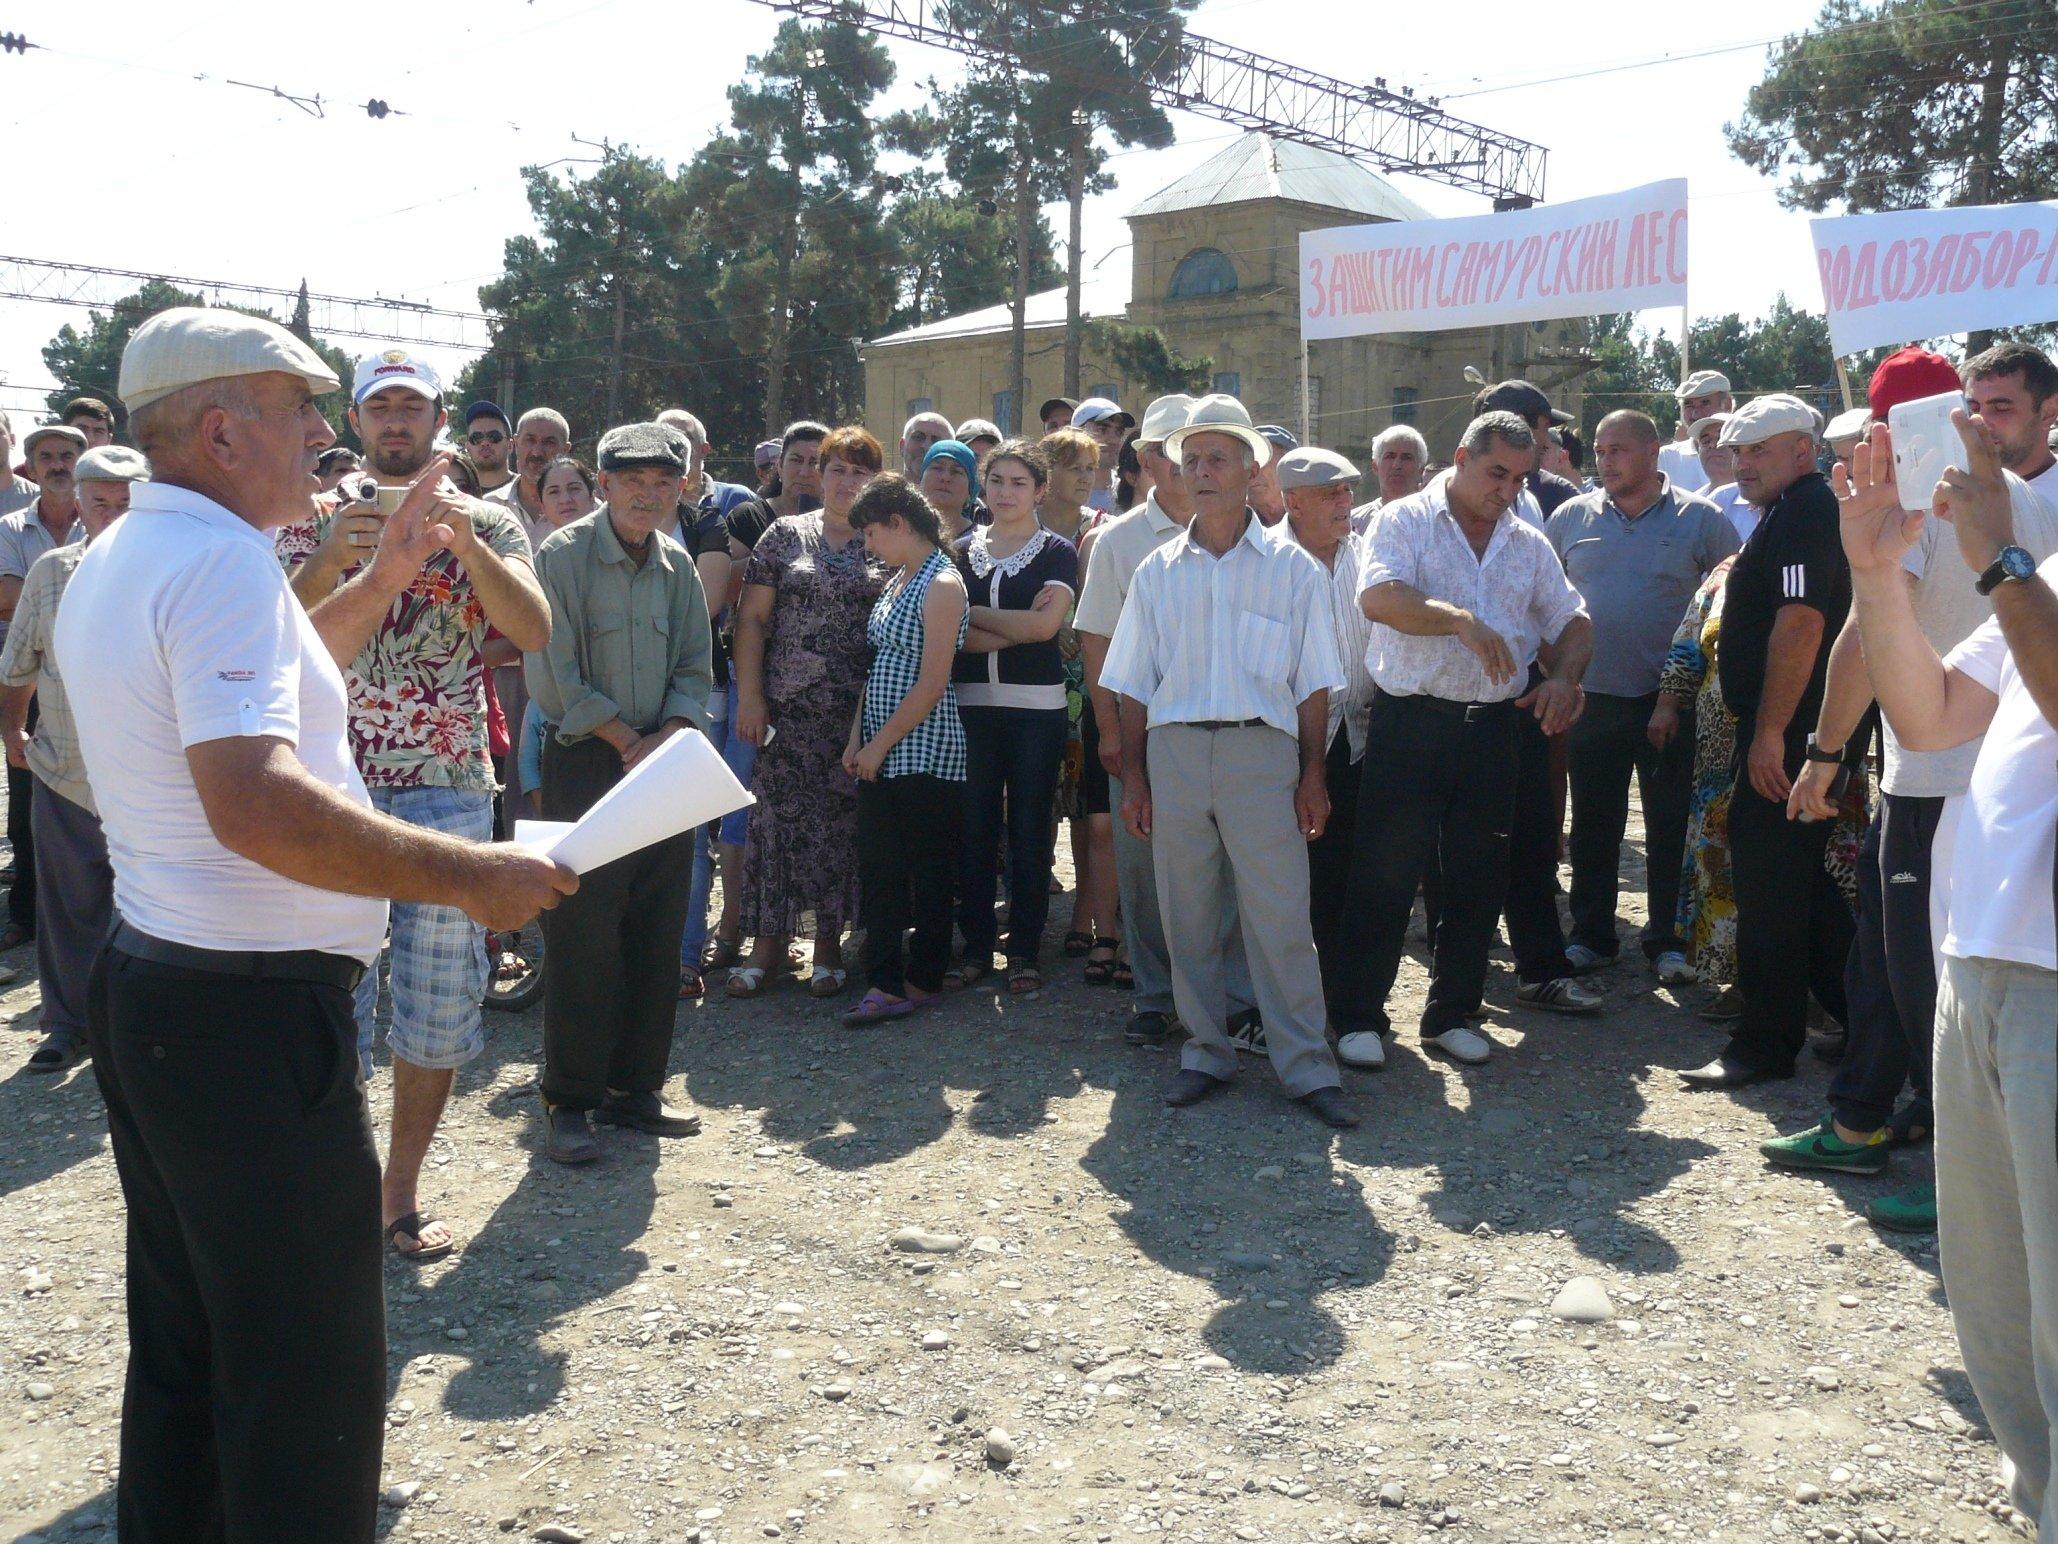 Строительство водозабора в Самурском лесу продолжено. Самурцы намерены в ответ бойкотировать выборы